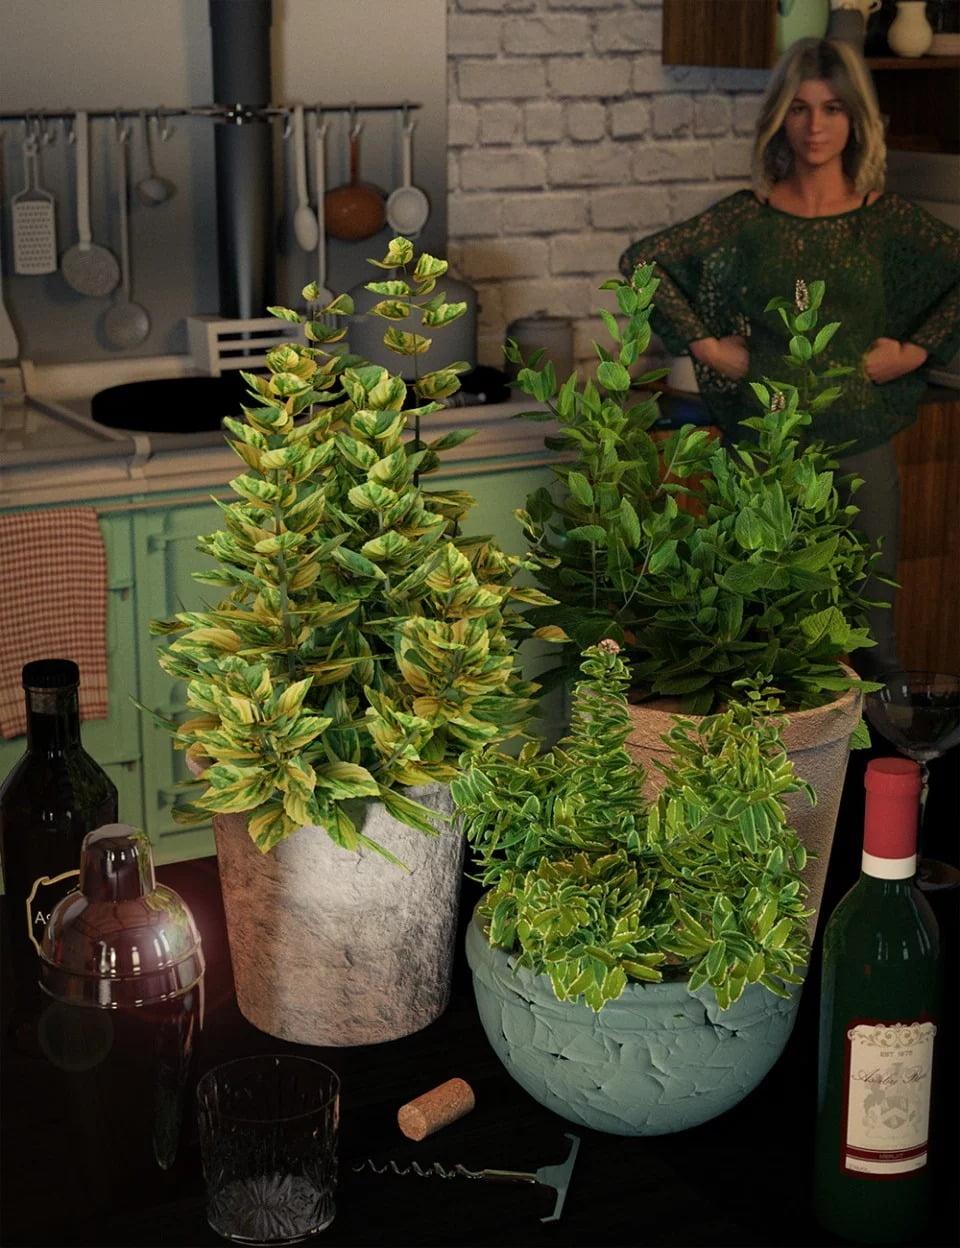 Garden Plants - Herbs Vol 2